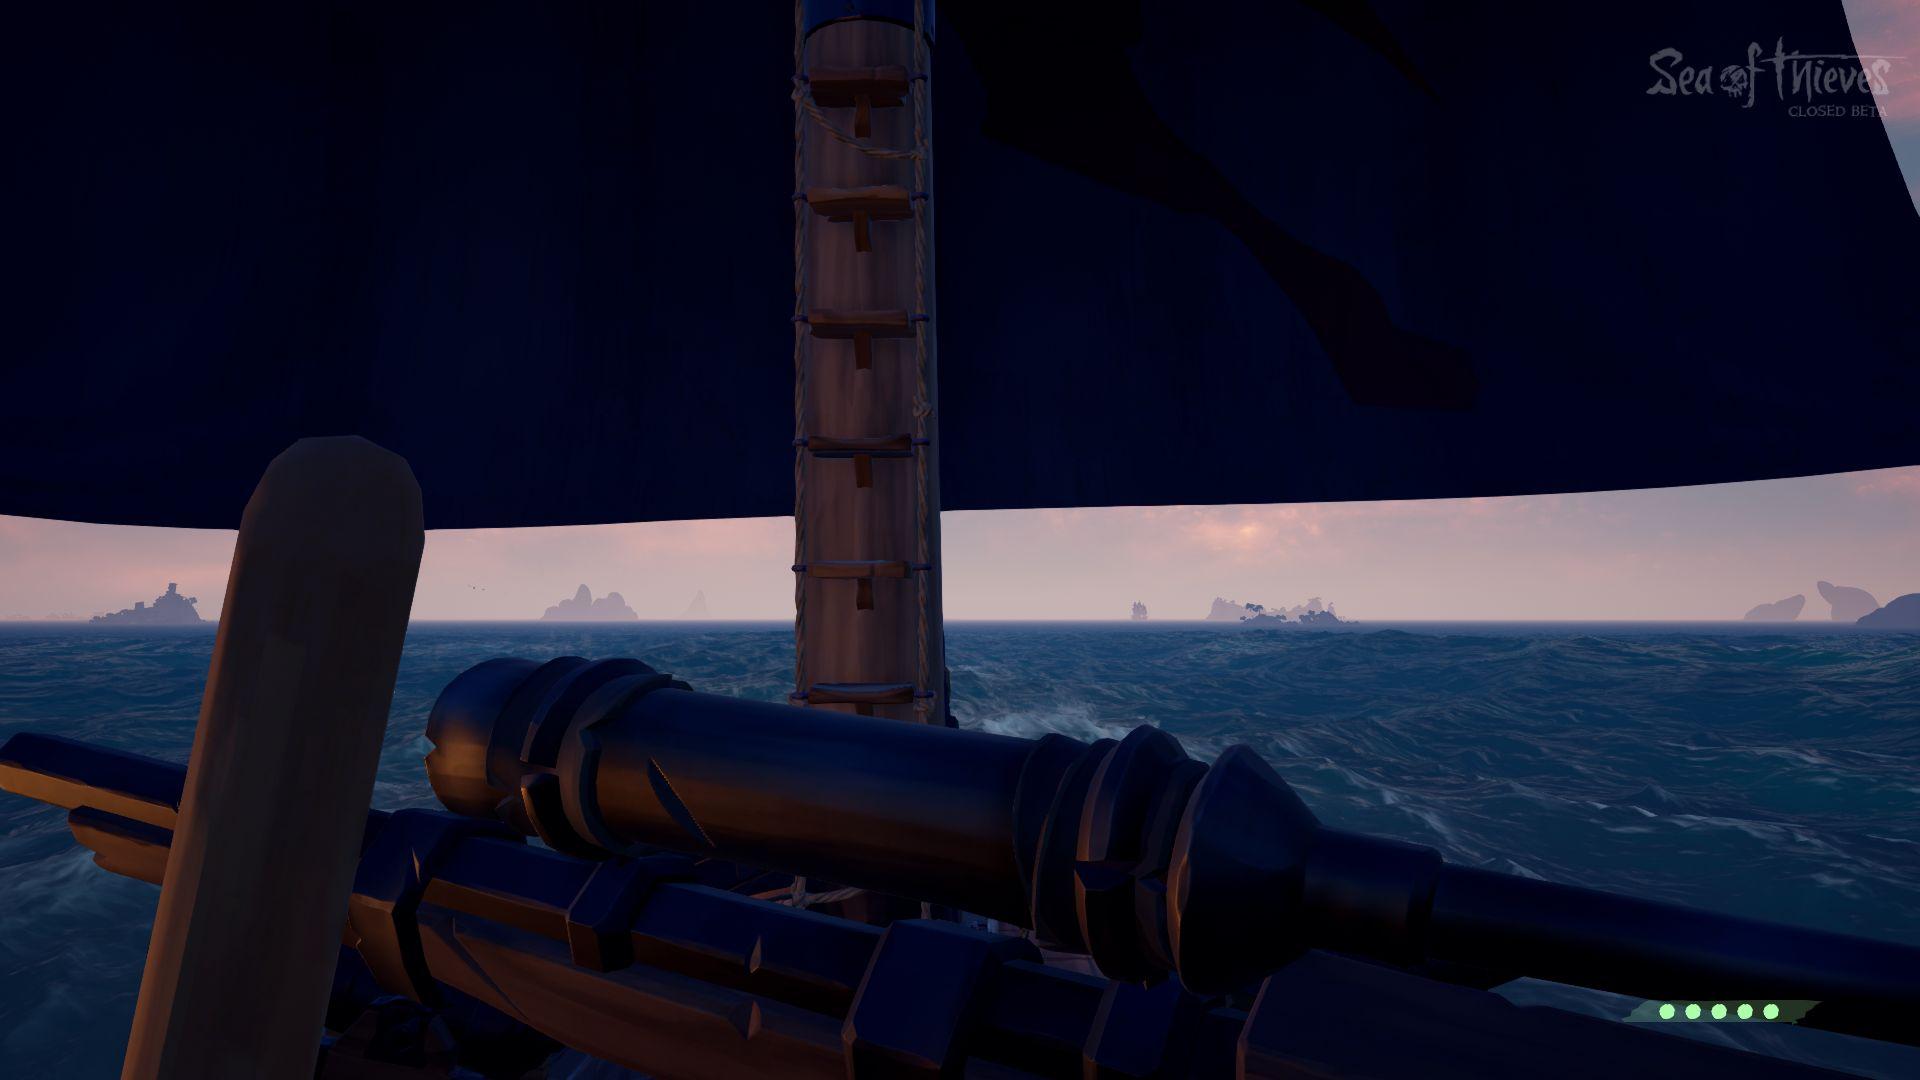 Sea of Thieves – fotoseriál z pirátského dobrodružství 155509